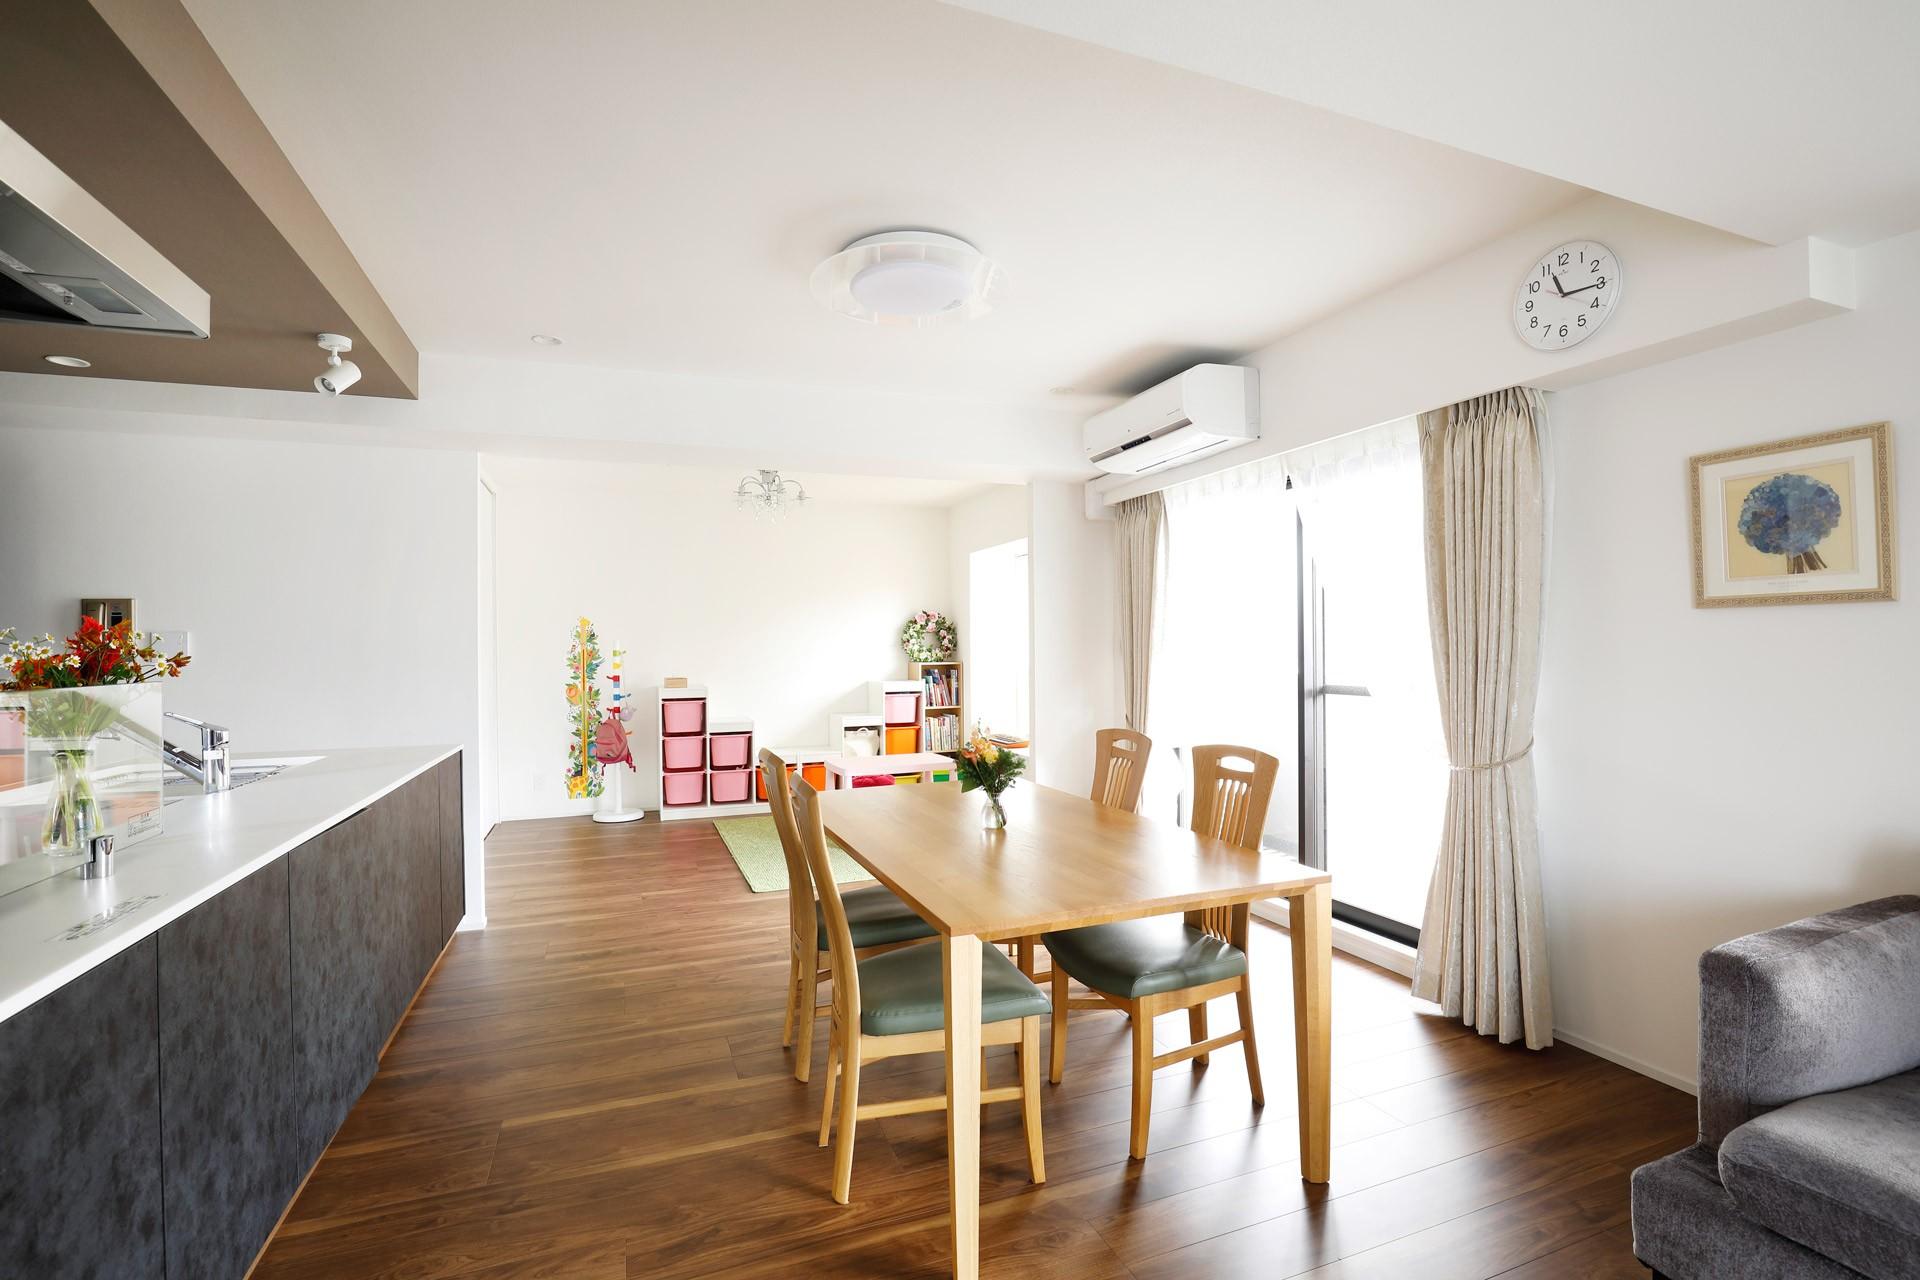 一見シンプルな住まいながら、来客には見えないオシャレにもこだわった家。 (ダイニング脇のお子様スペース)